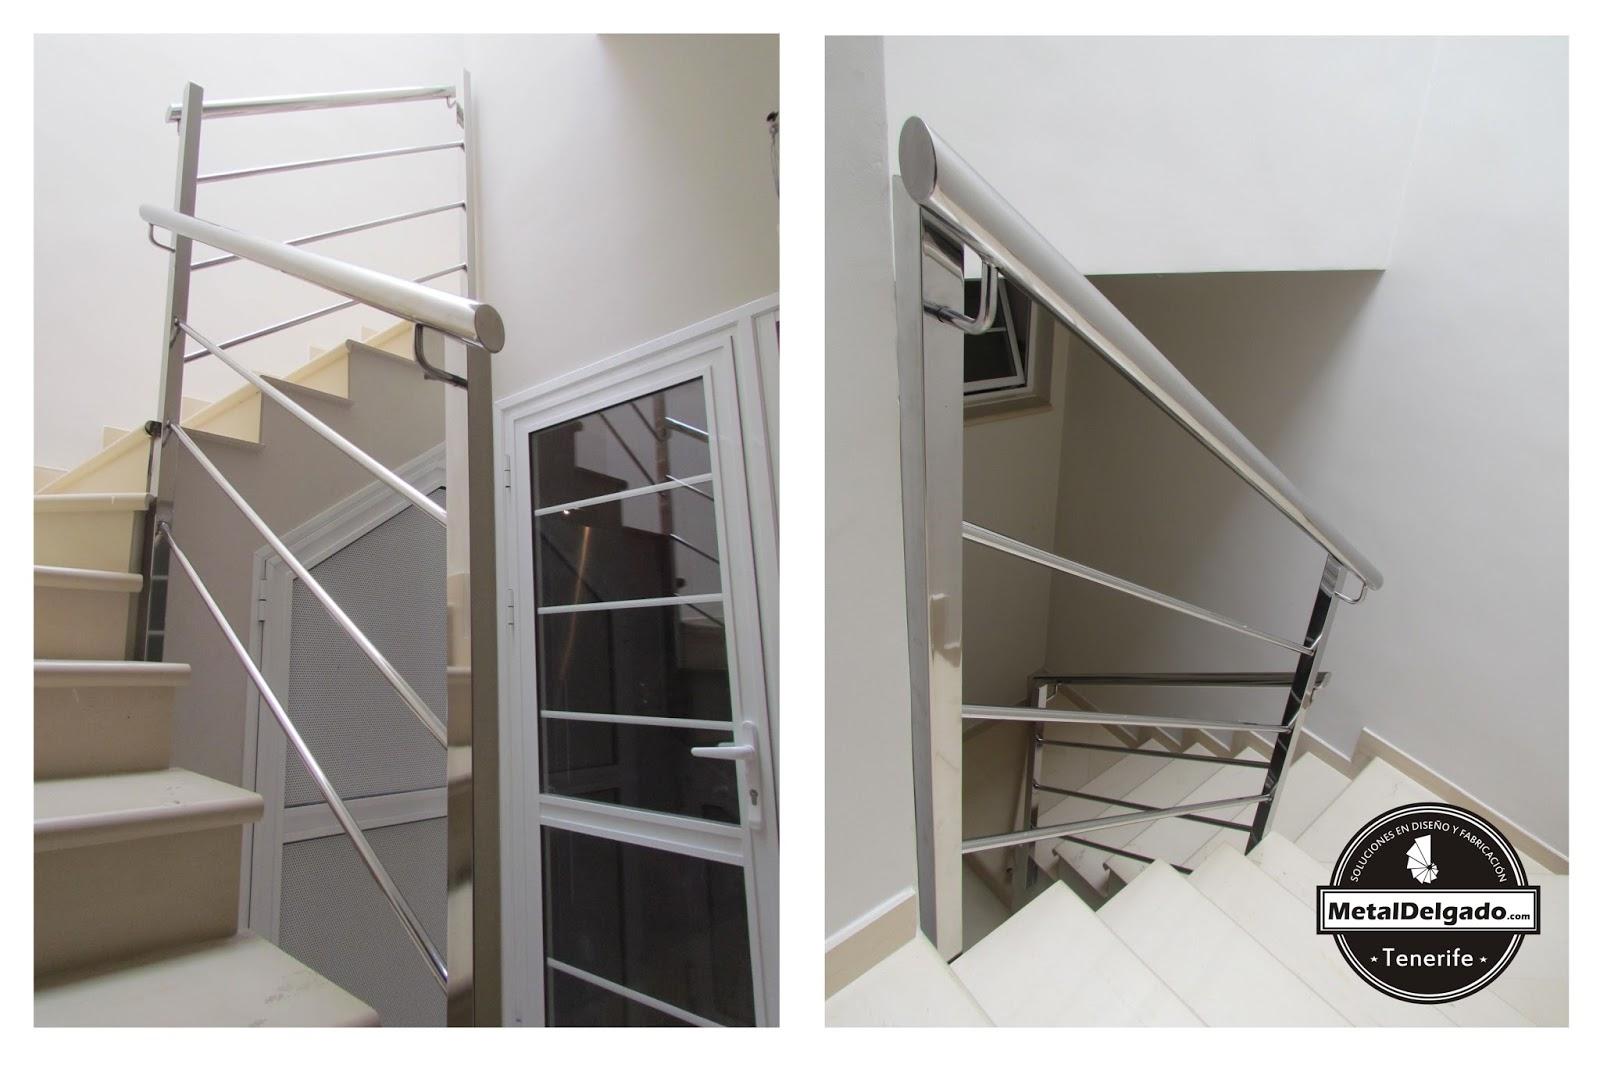 Acero inoxidable tenerife barandas acero inoxidable para - Escaleras de acero ...